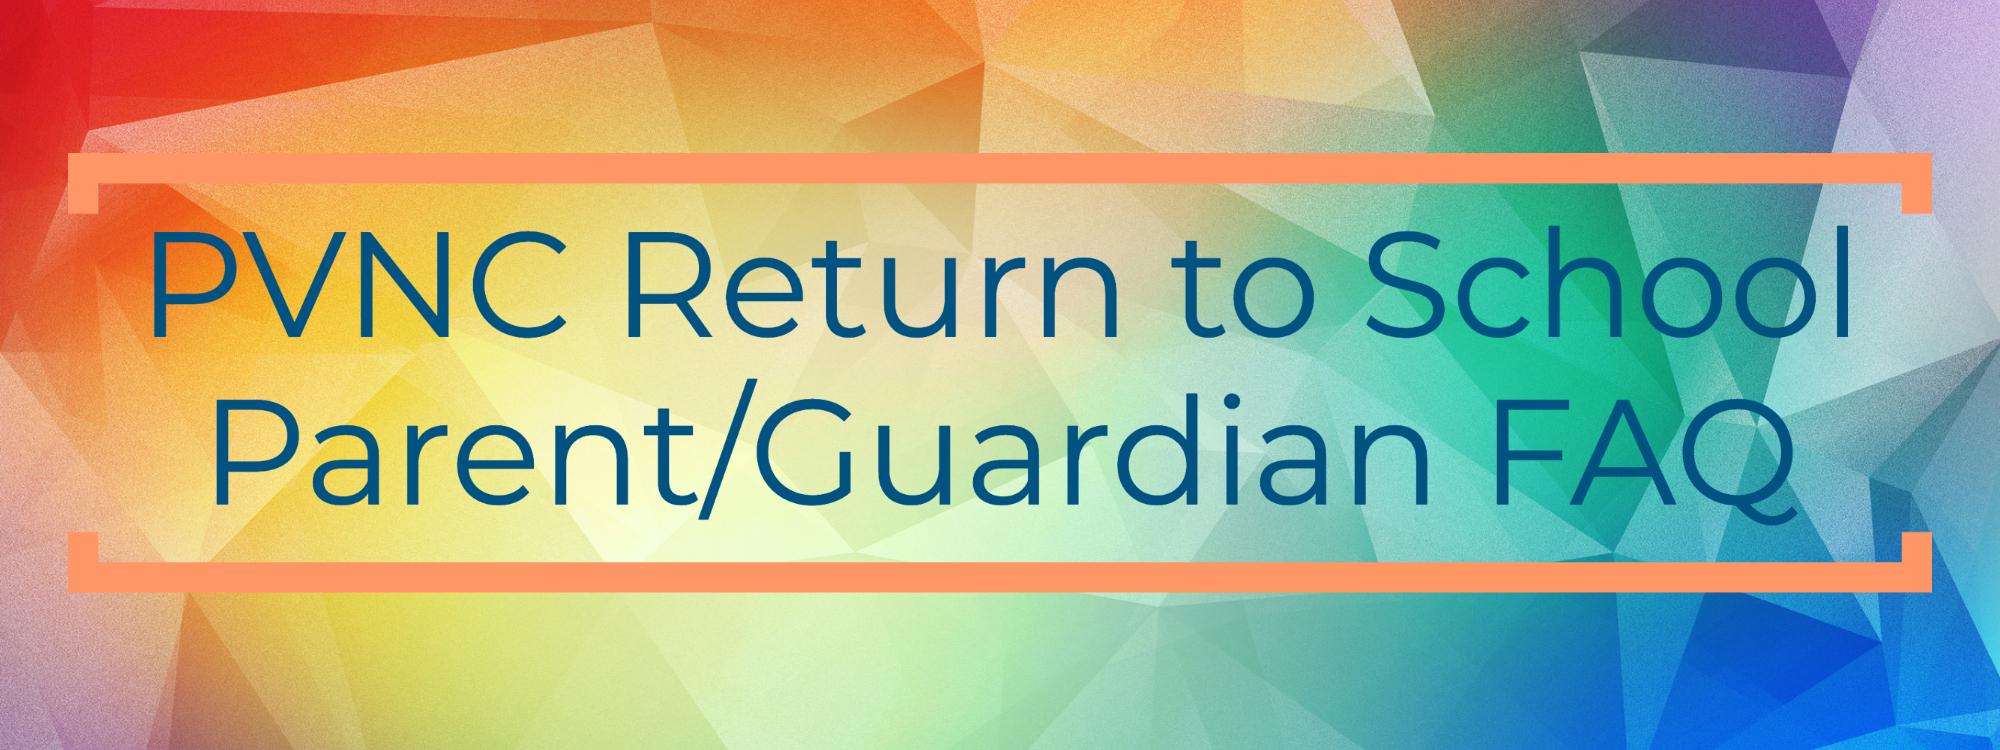 PVNC return to school parent/guardian FAQ